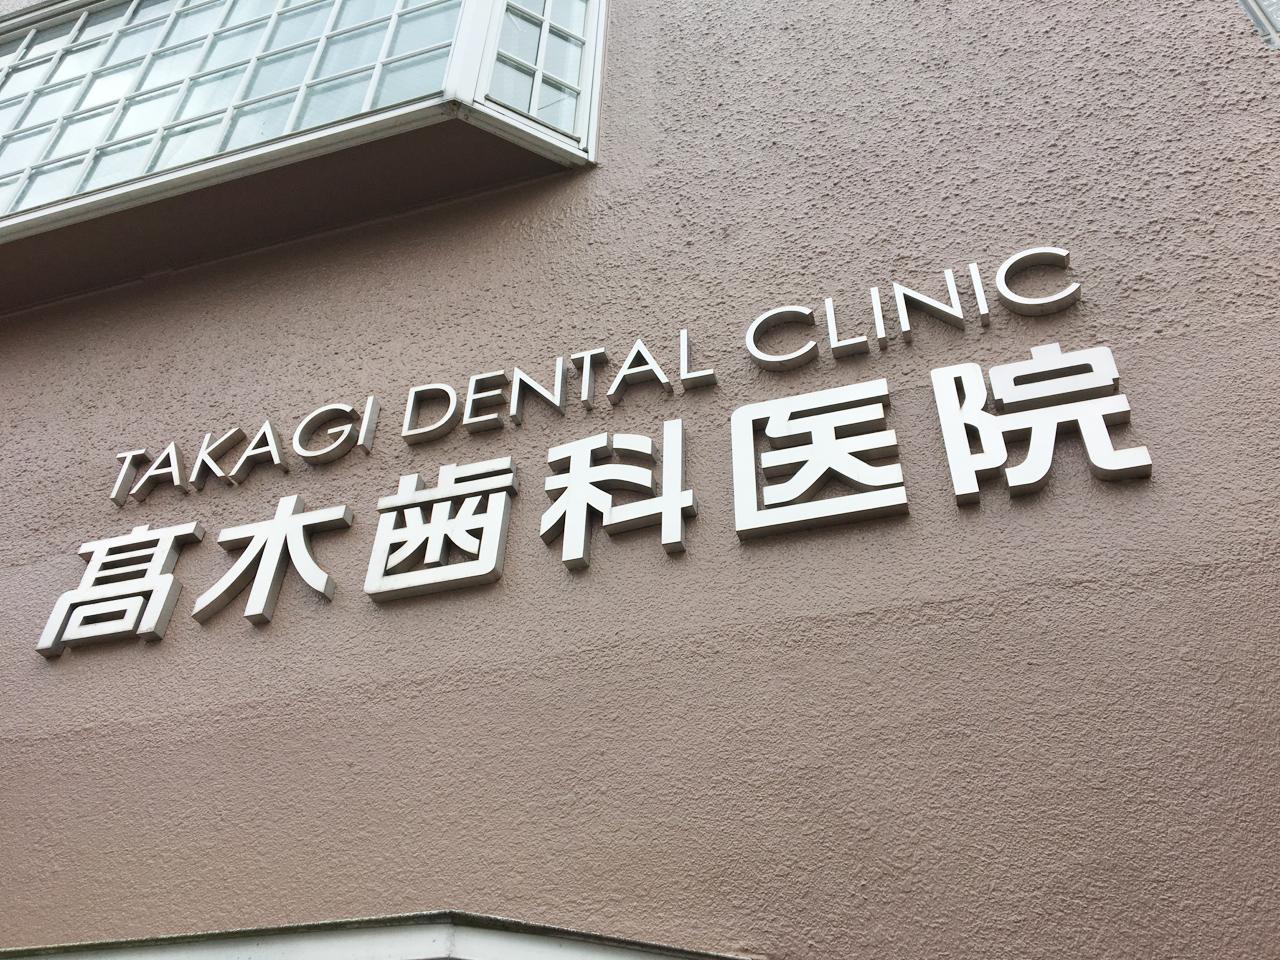 文字看板 髙木歯科医院様